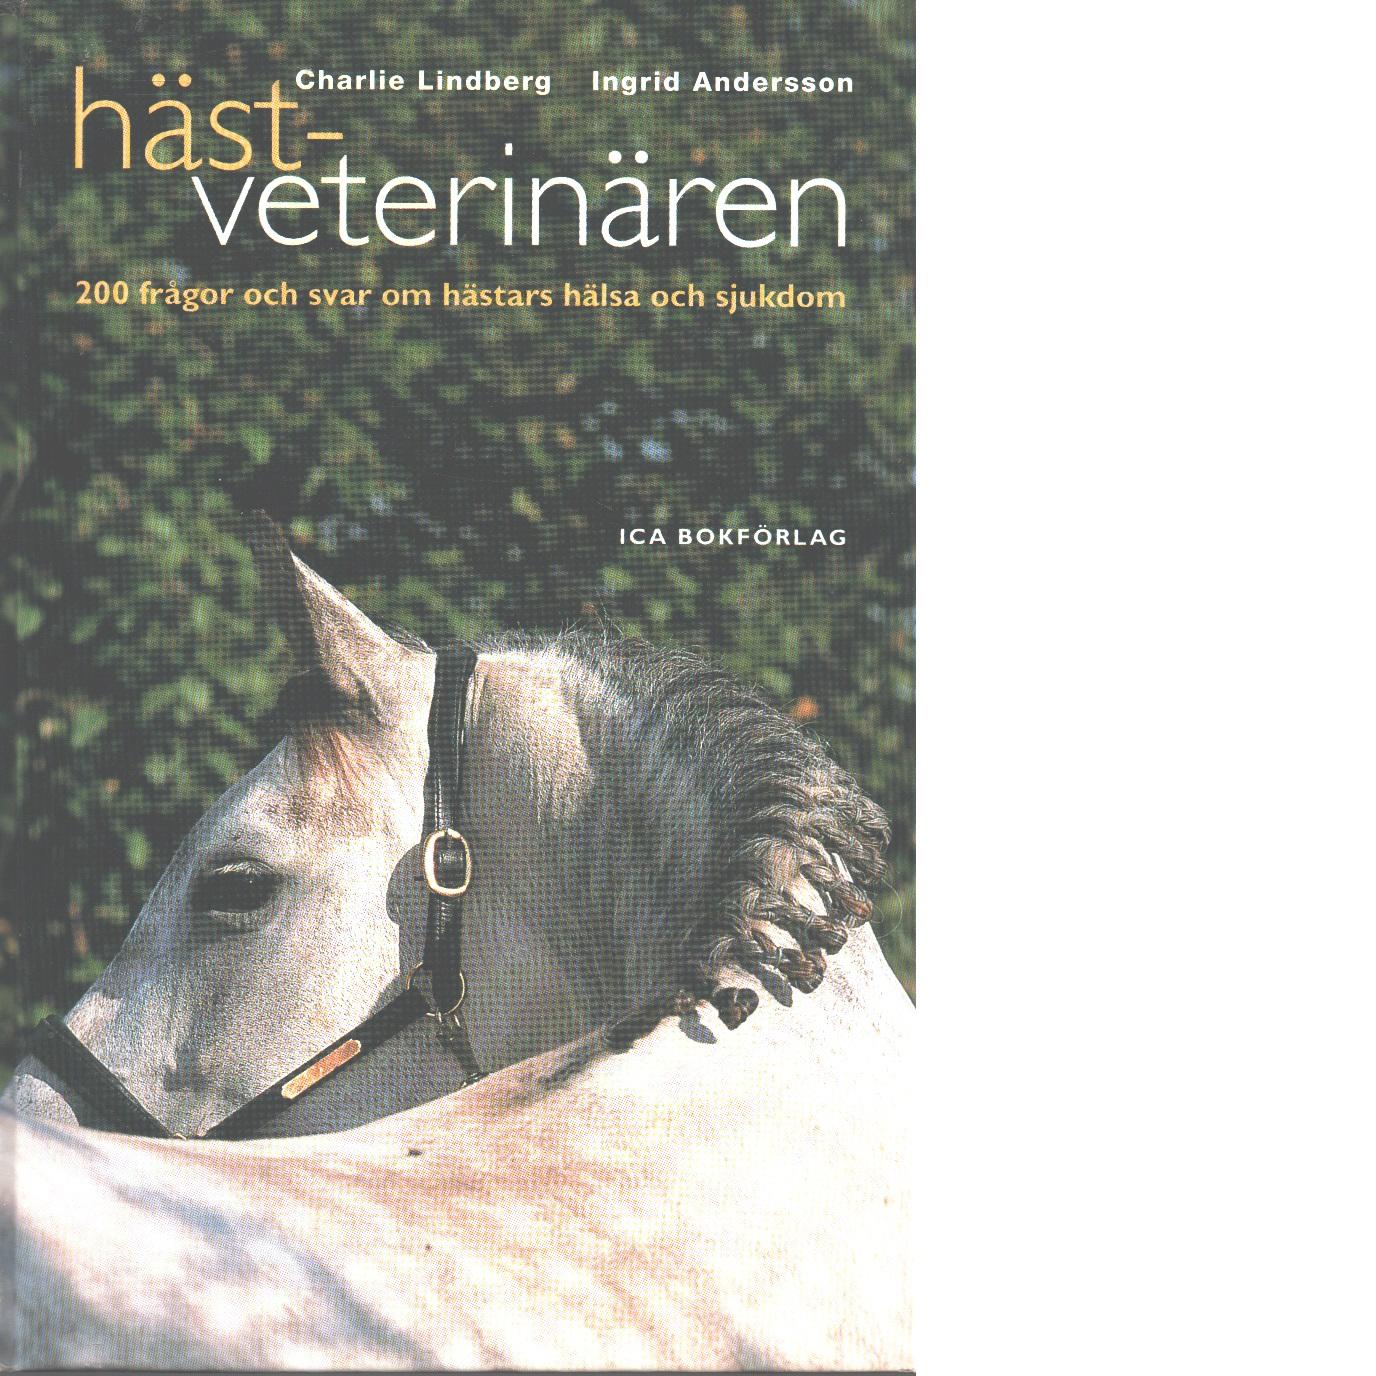 Hästveterinären : 200 frågor och svar om hästars hälsa och sjukdom - Lindberg, Charlie Och Andersson, Ingrid